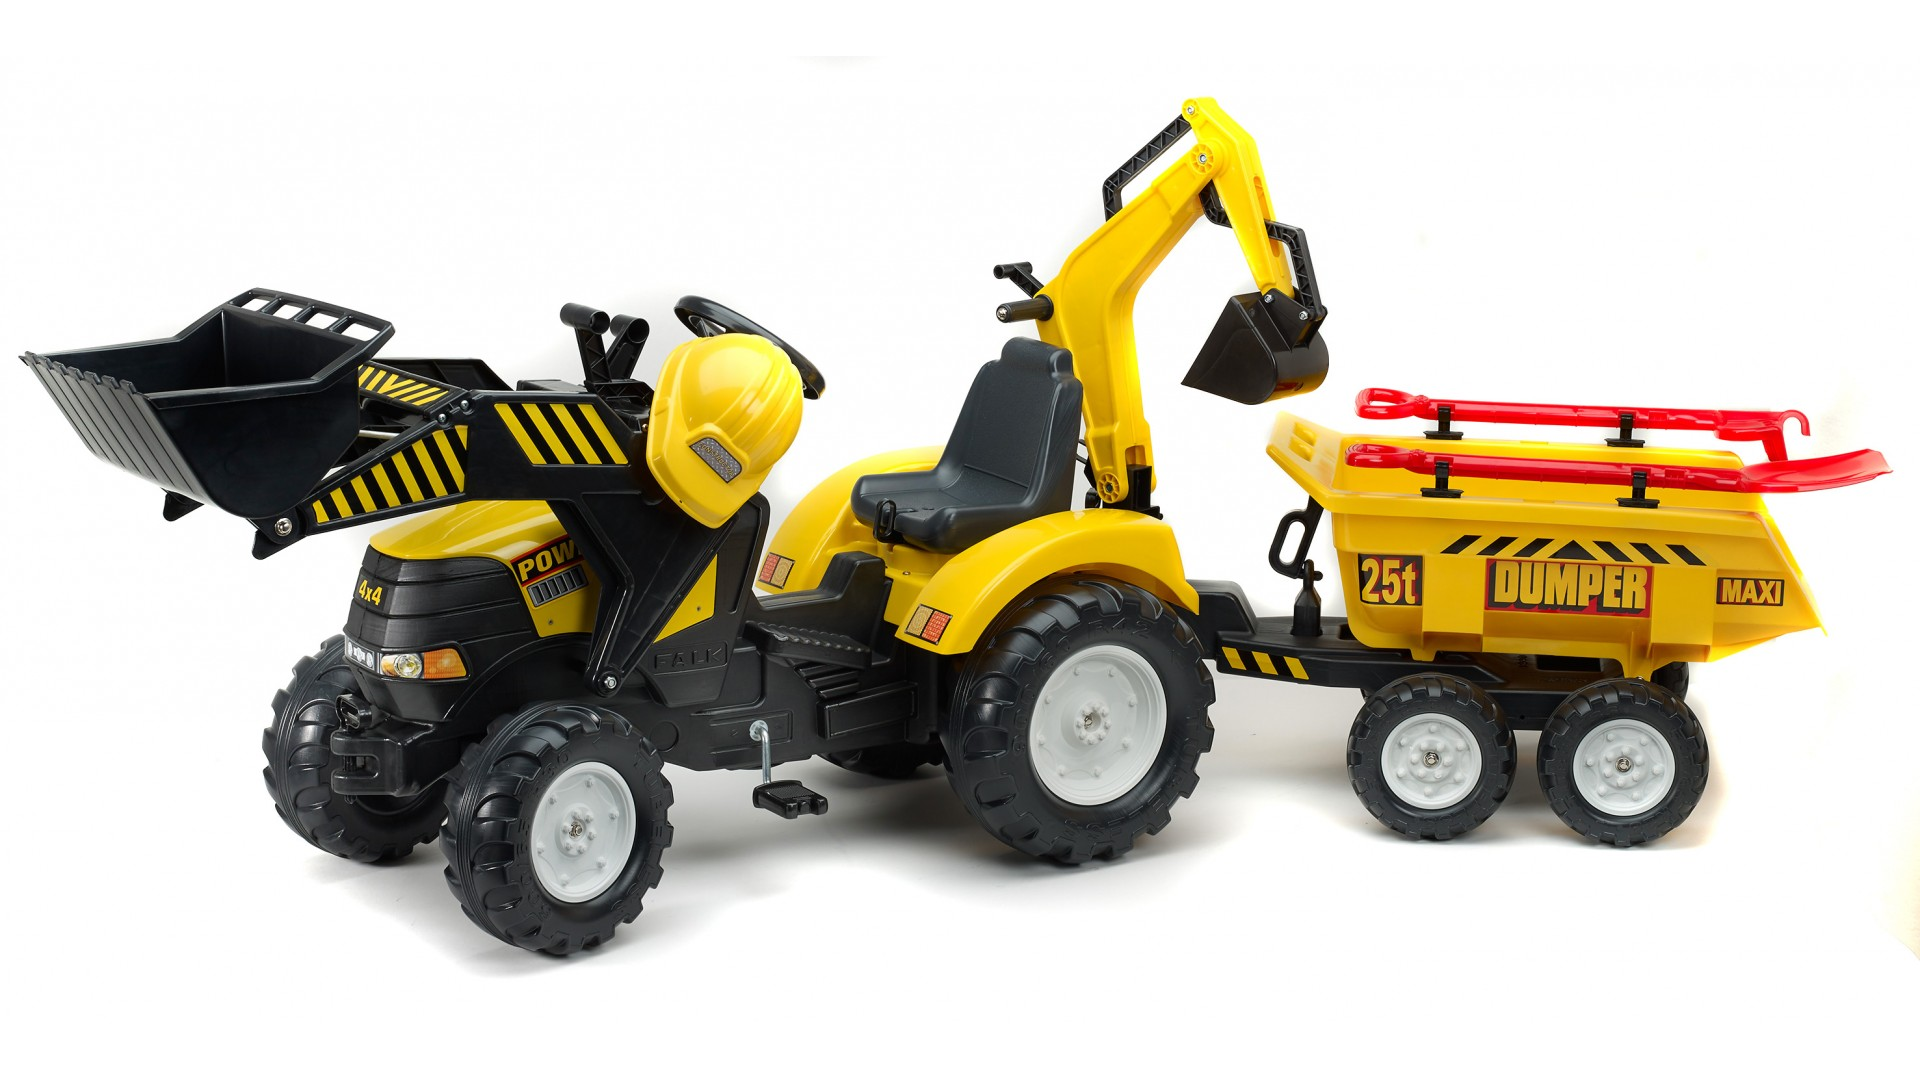 Педальный трактор-экскаватор с прицепом, черно-желтый, 230 см